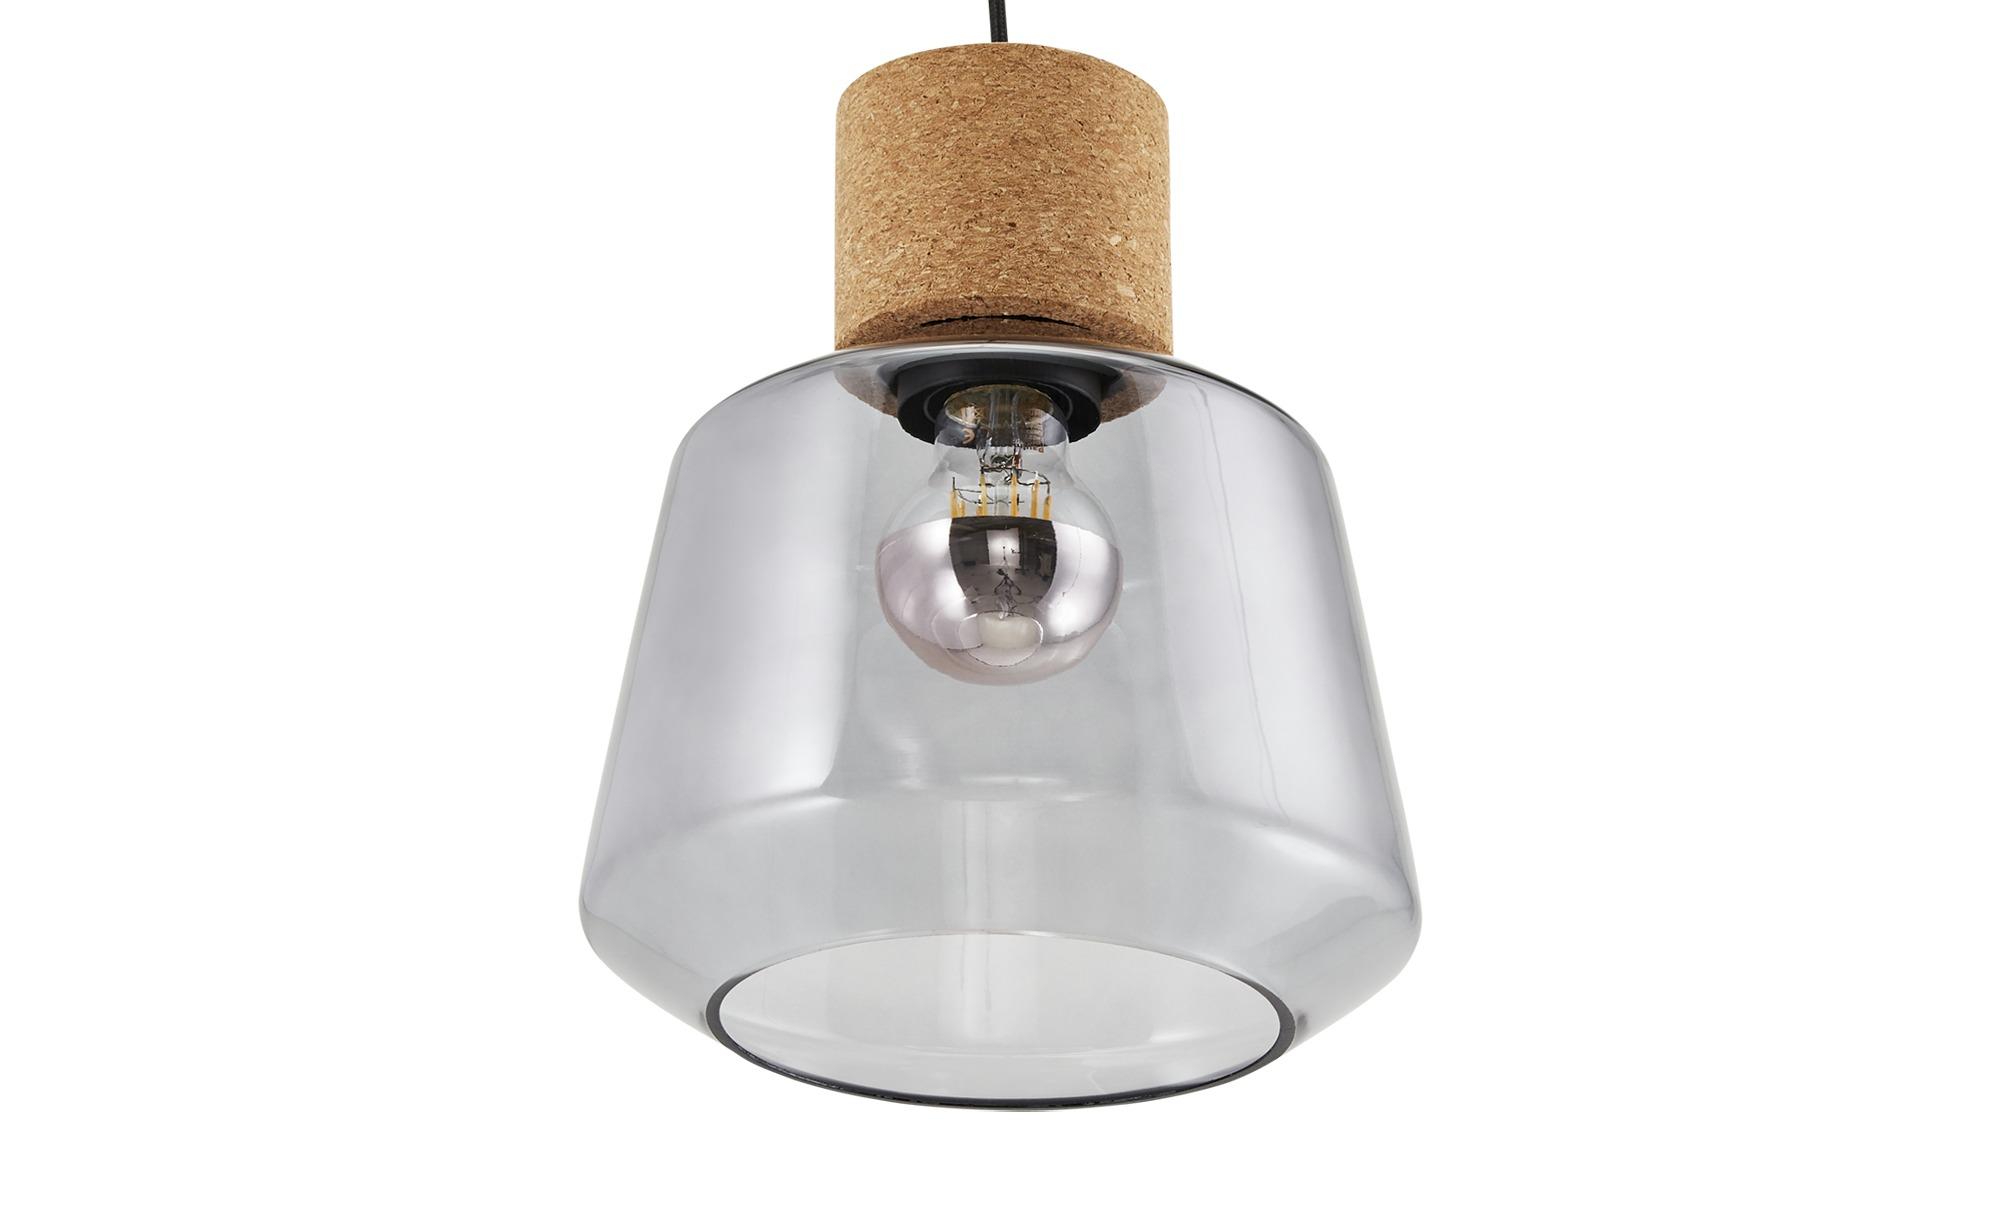 Pendelleuchte, 1-flammig, Rauchglas ¦ schwarz ¦ Maße (cm): H: 150 Ø: [20.8] Lampen & Leuchten > Innenleuchten > Pendelleuchten - Höffner